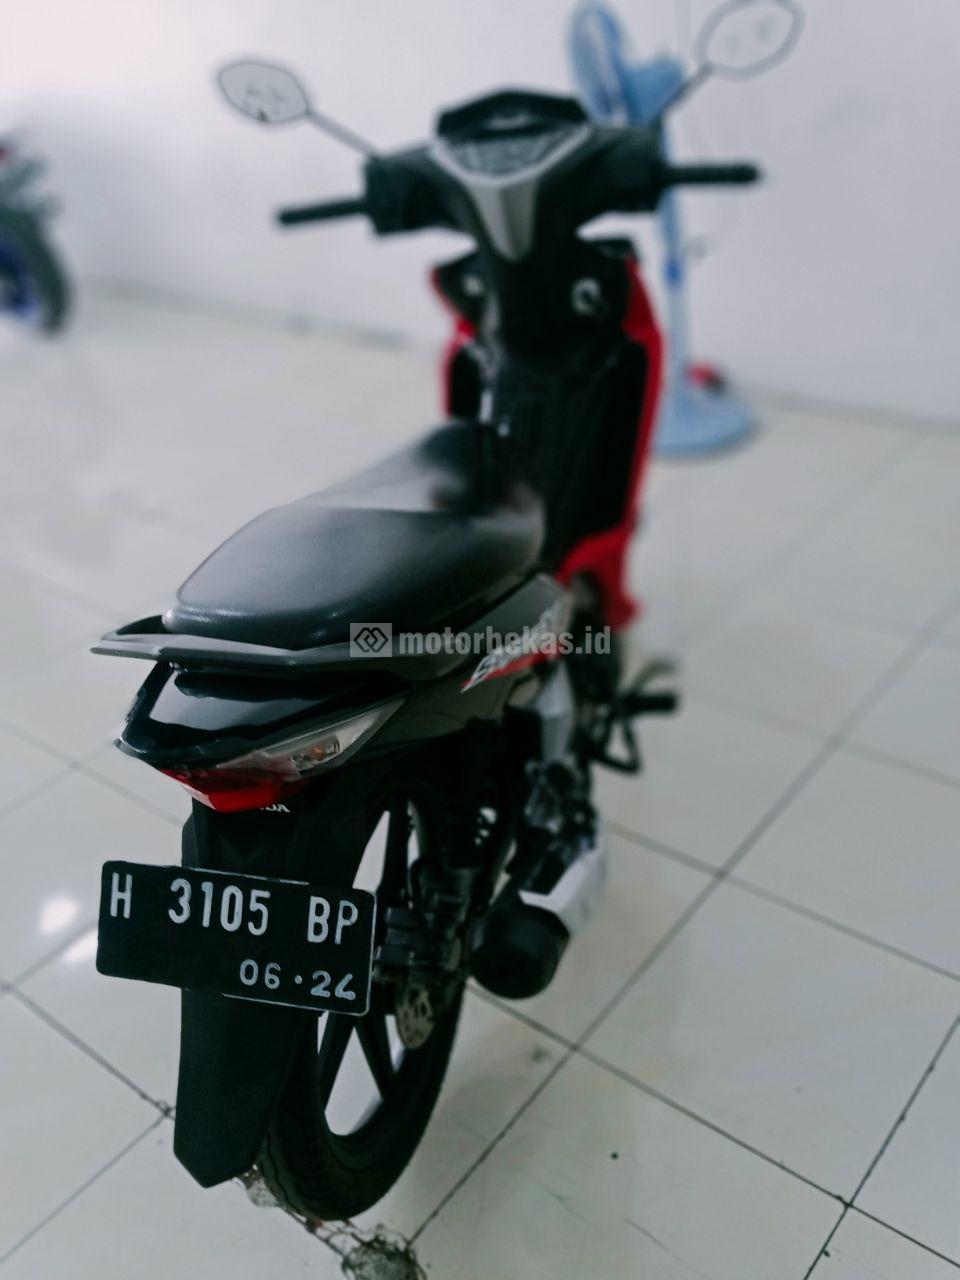 HONDA SUPRA X 125 FI 1565 motorbekas.id